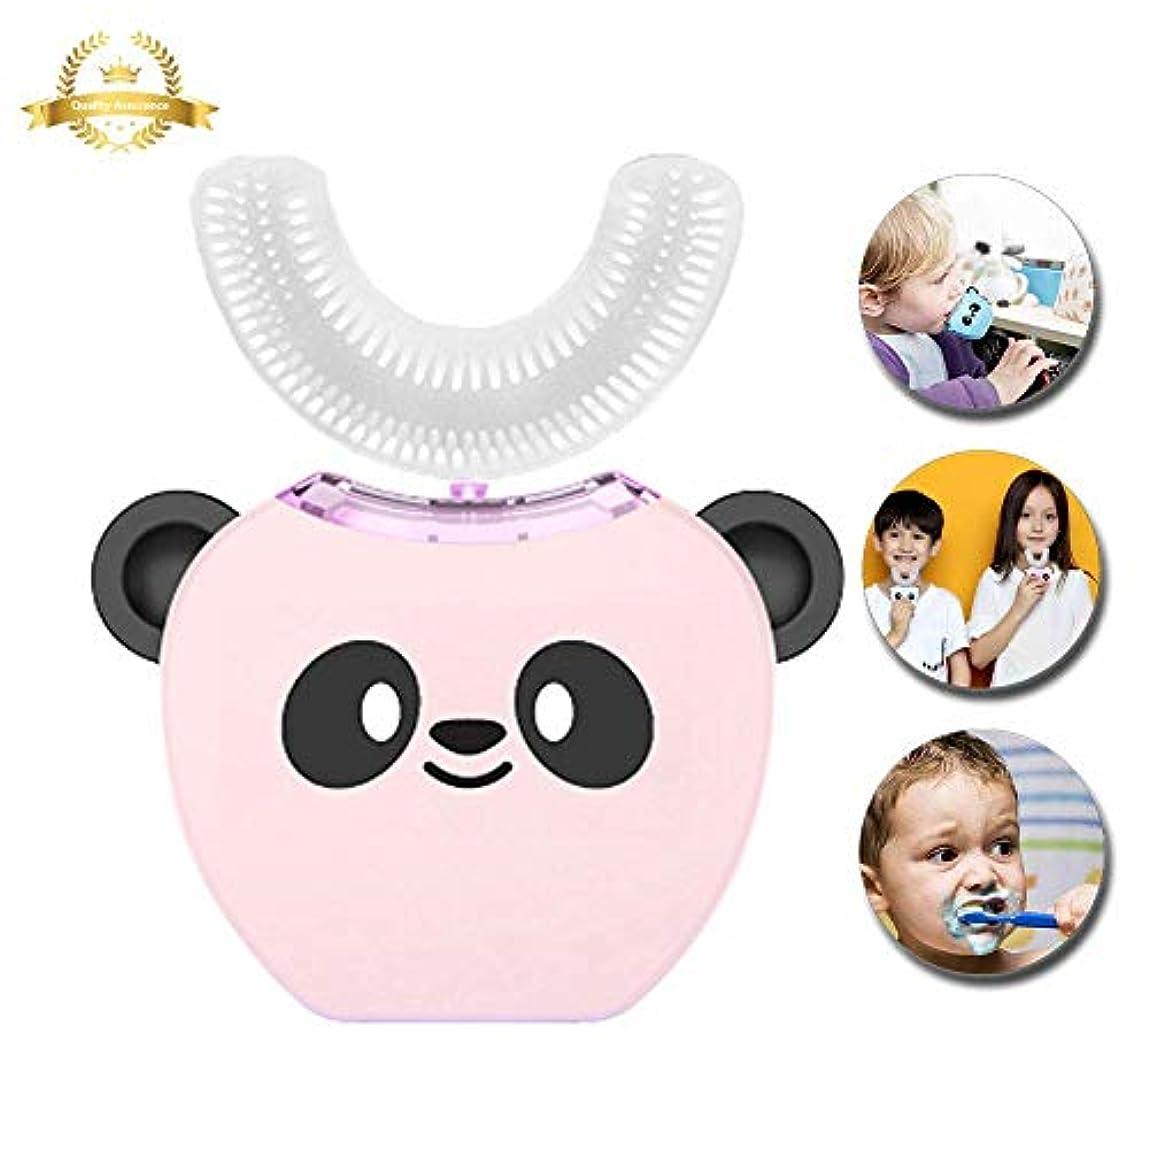 差ねばねば努力するV-white 電動歯ブラシ こども用 超音波振動360°オールラウンドクリーニング、充電式 (ピンク)